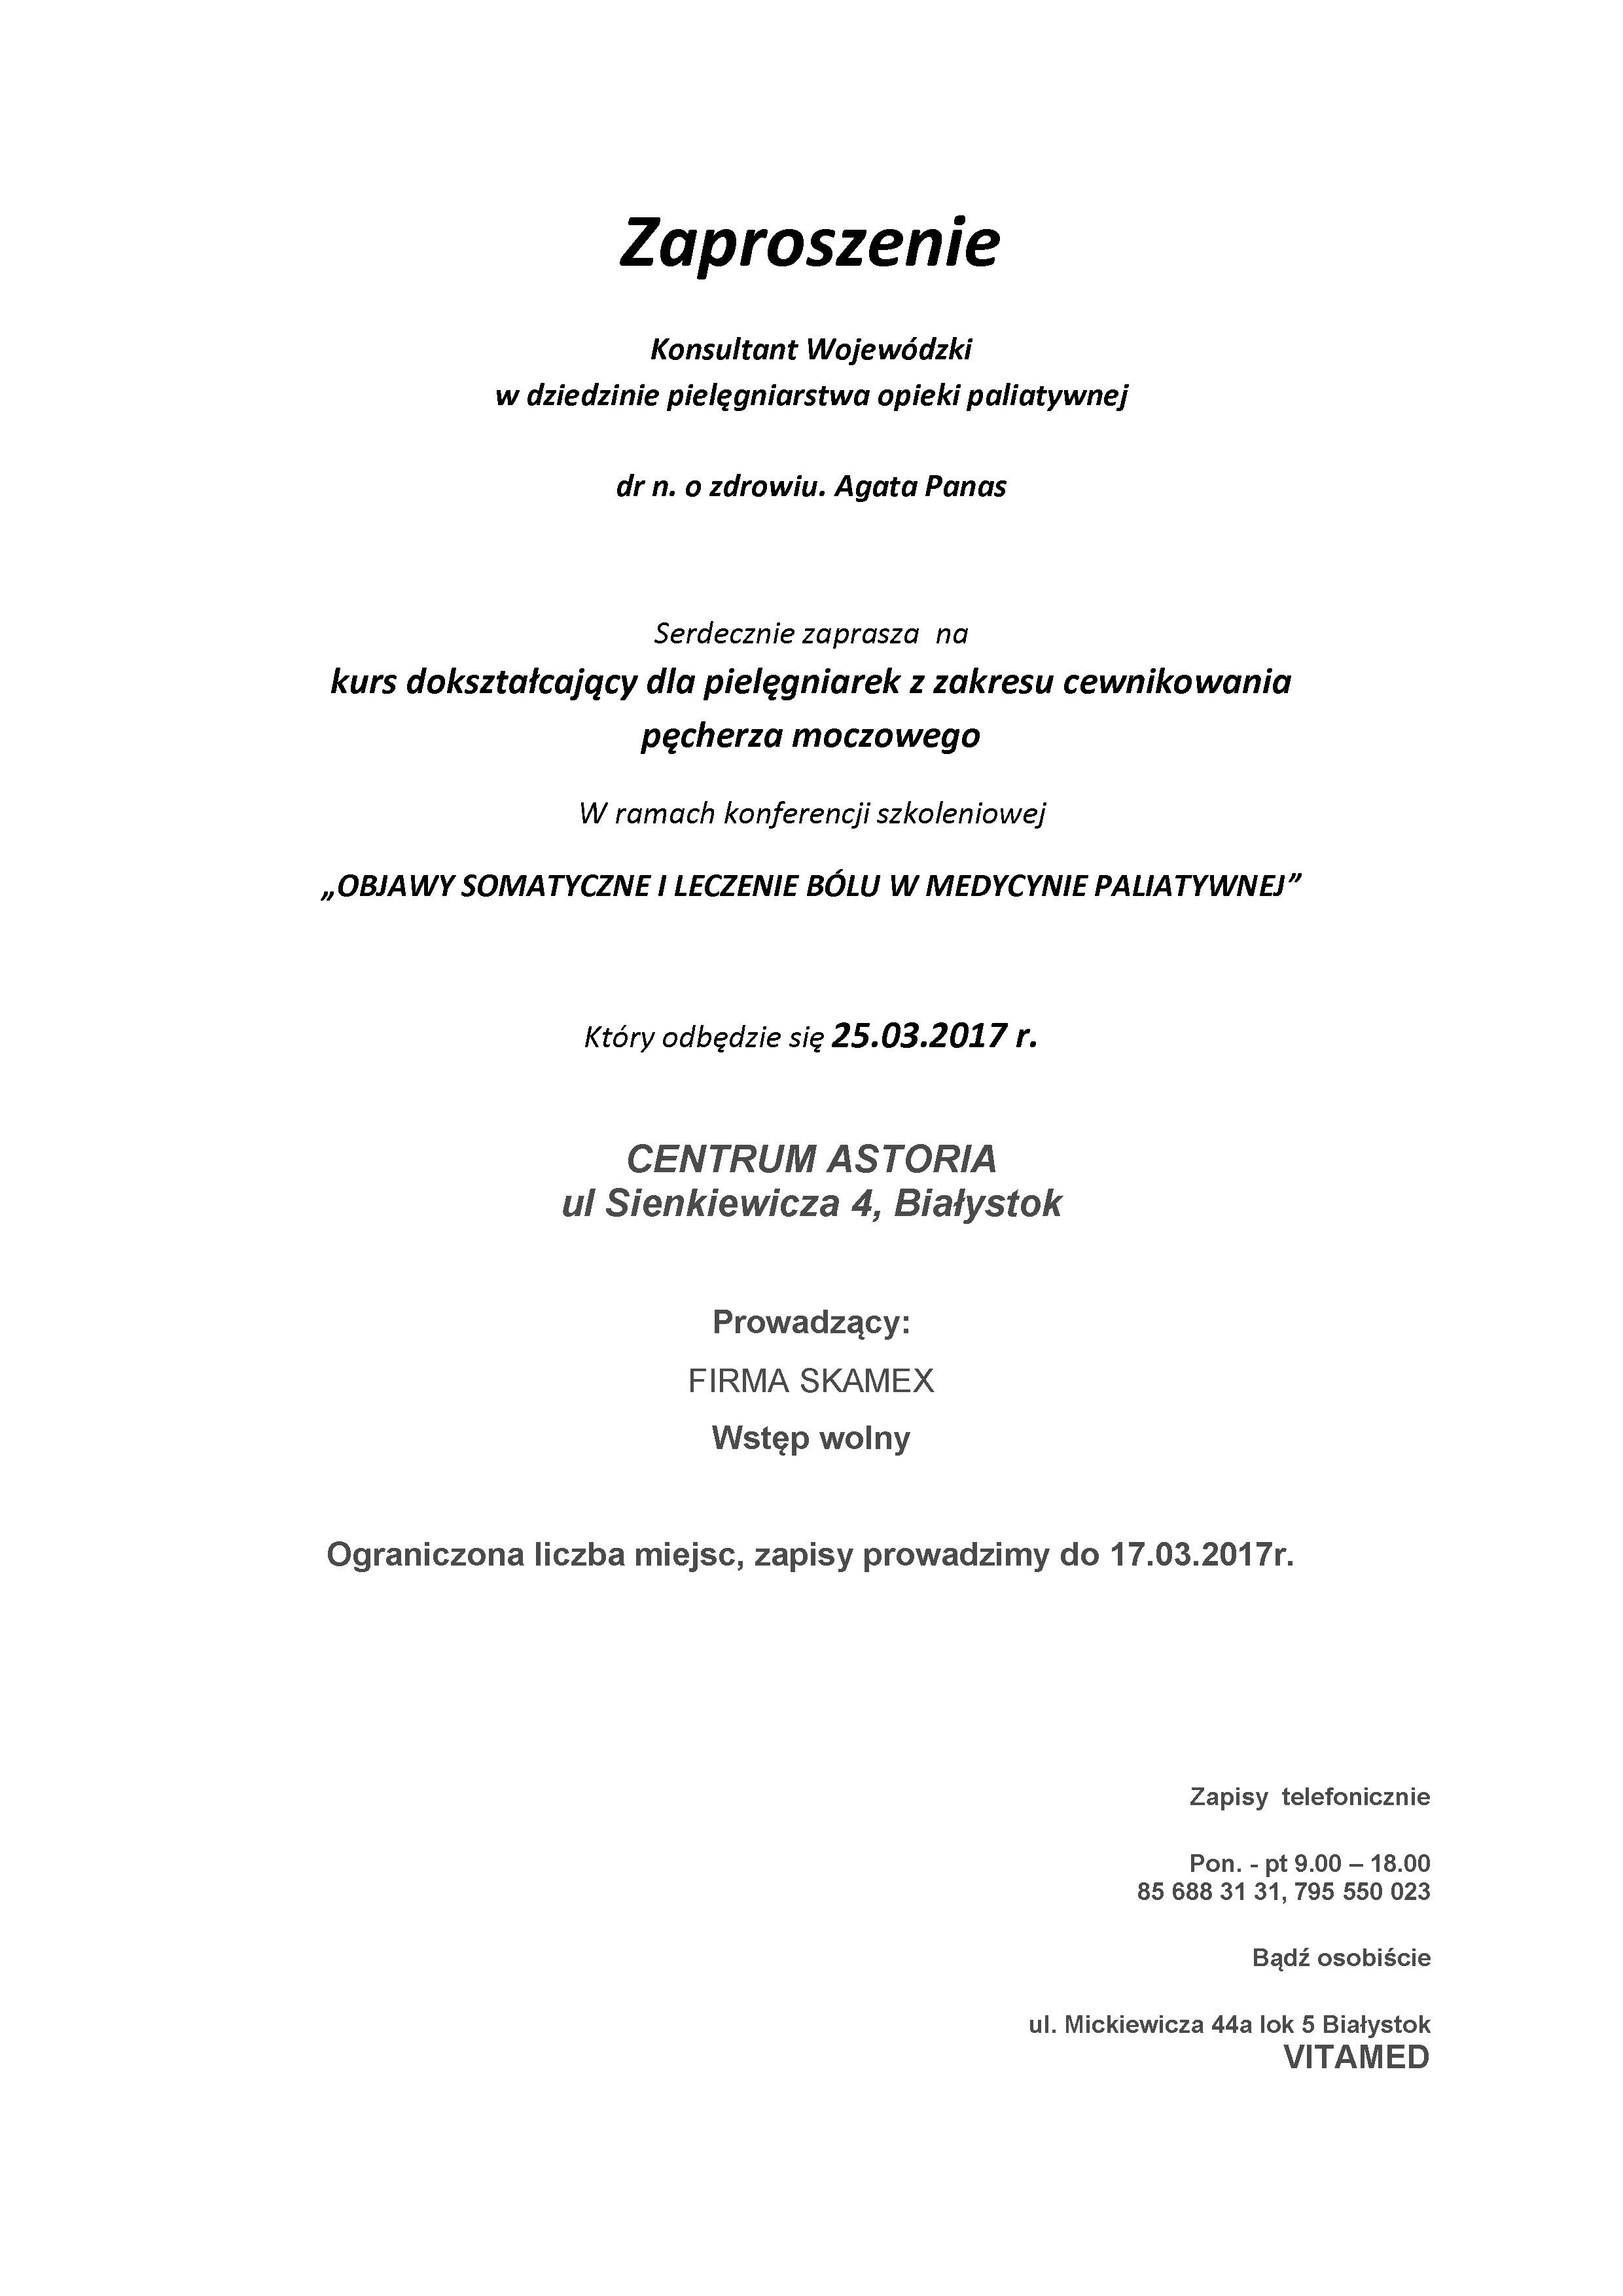 Zaproszenie konferencja 25,03,2017 (2)_Strona_3